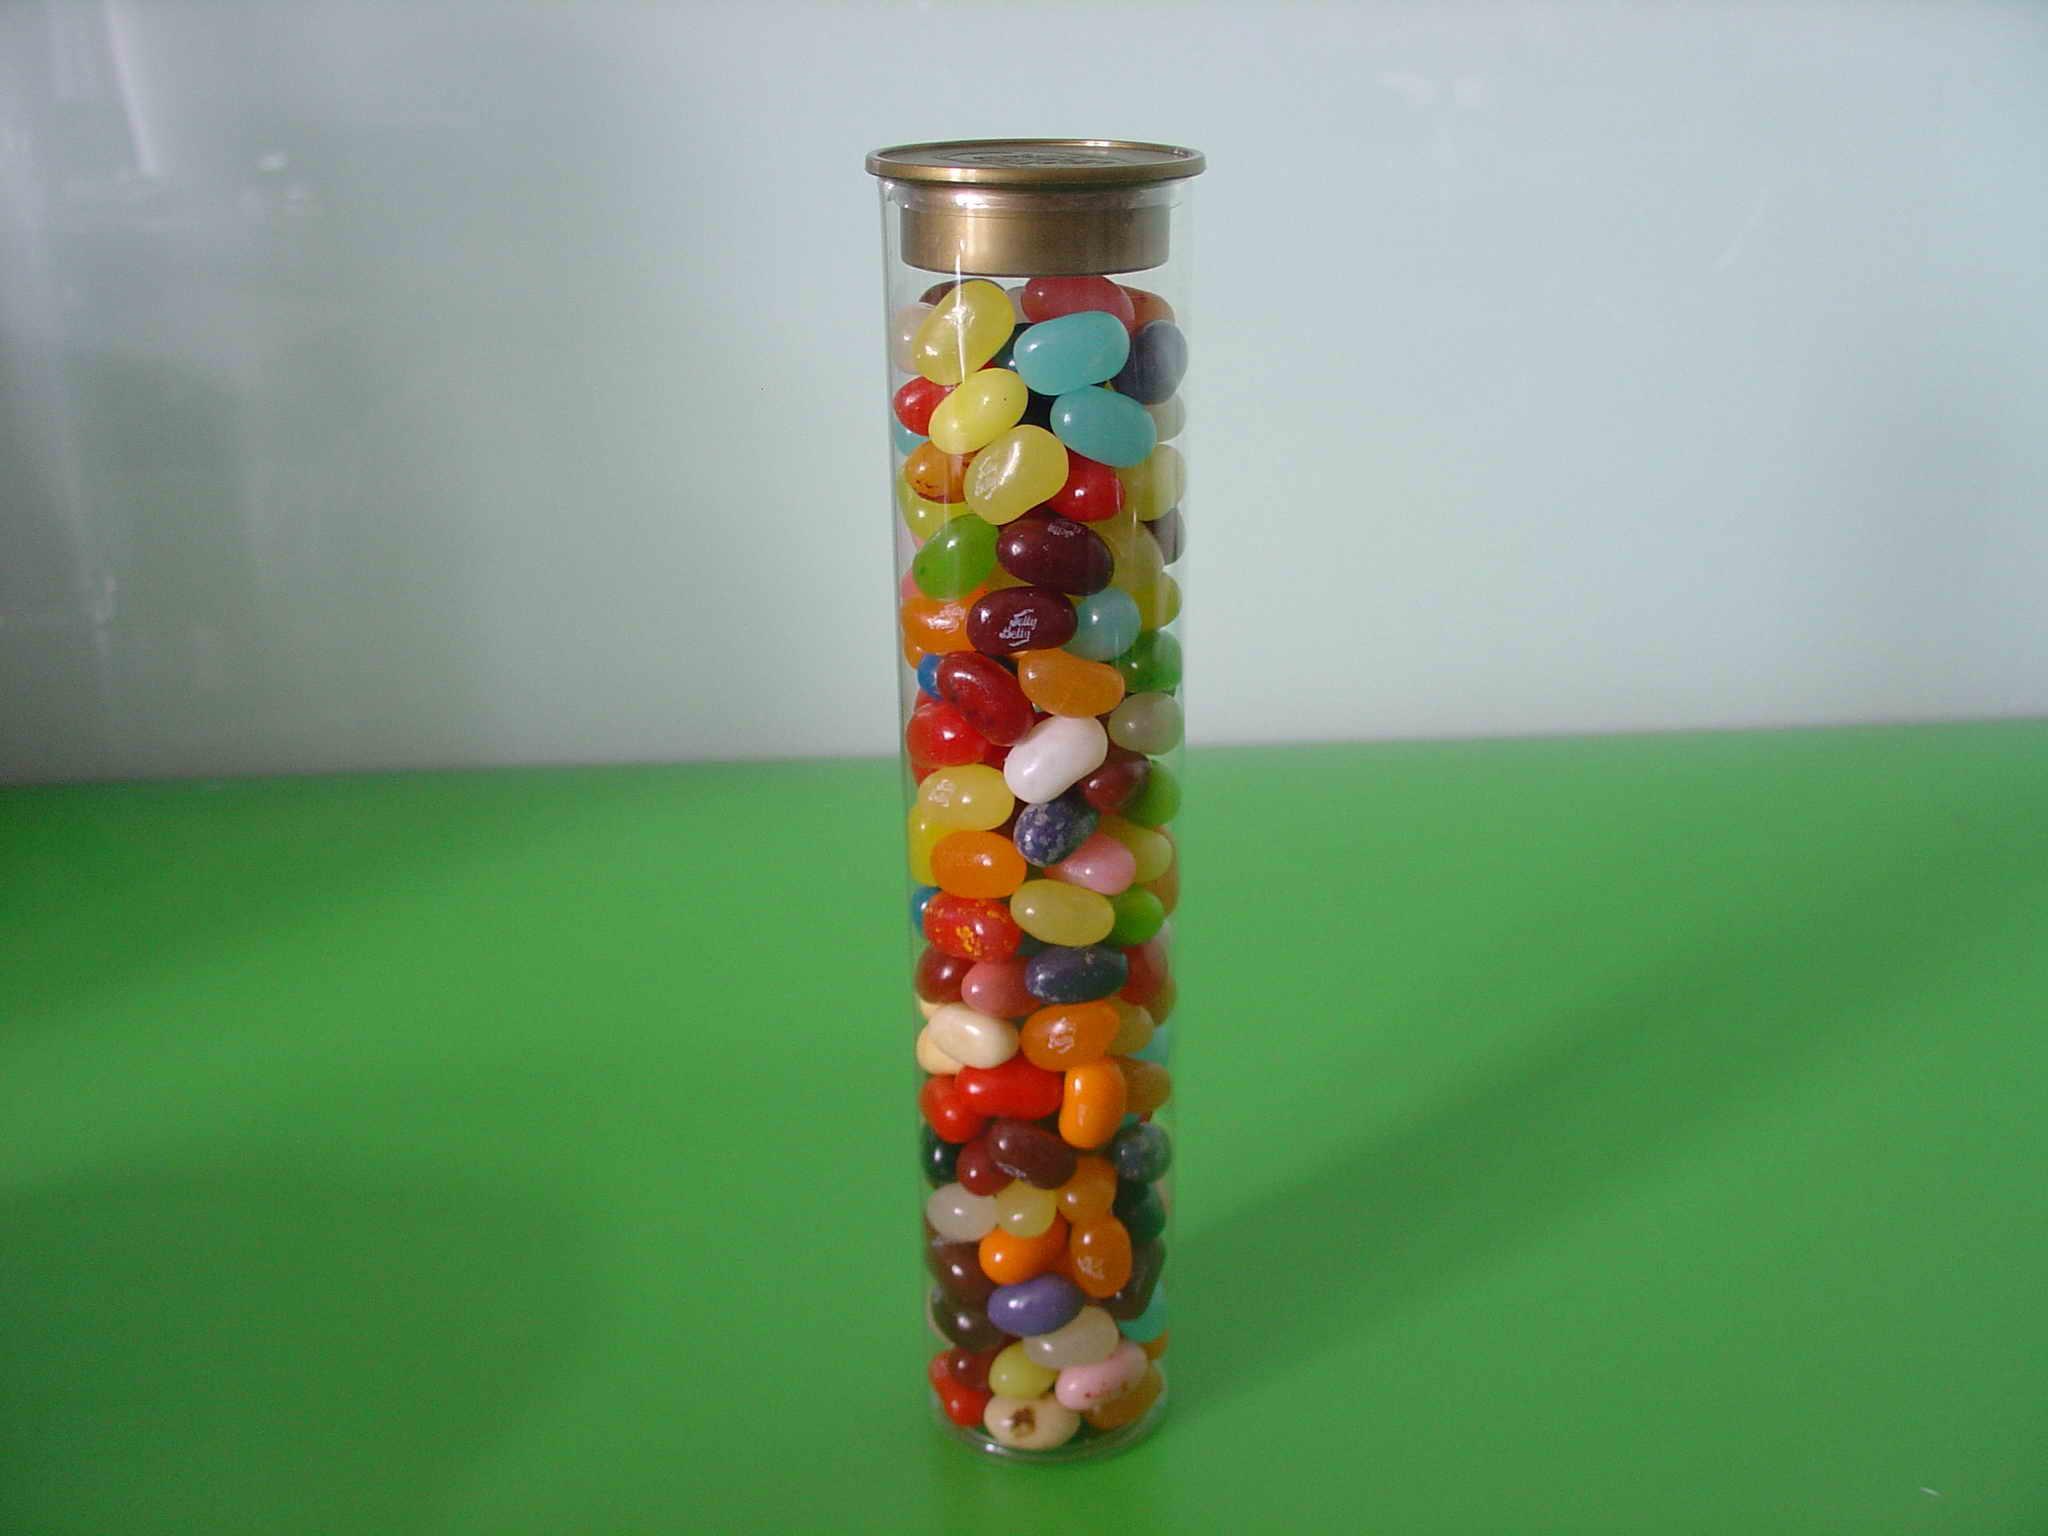 食品-彩虹糖瓶14图片